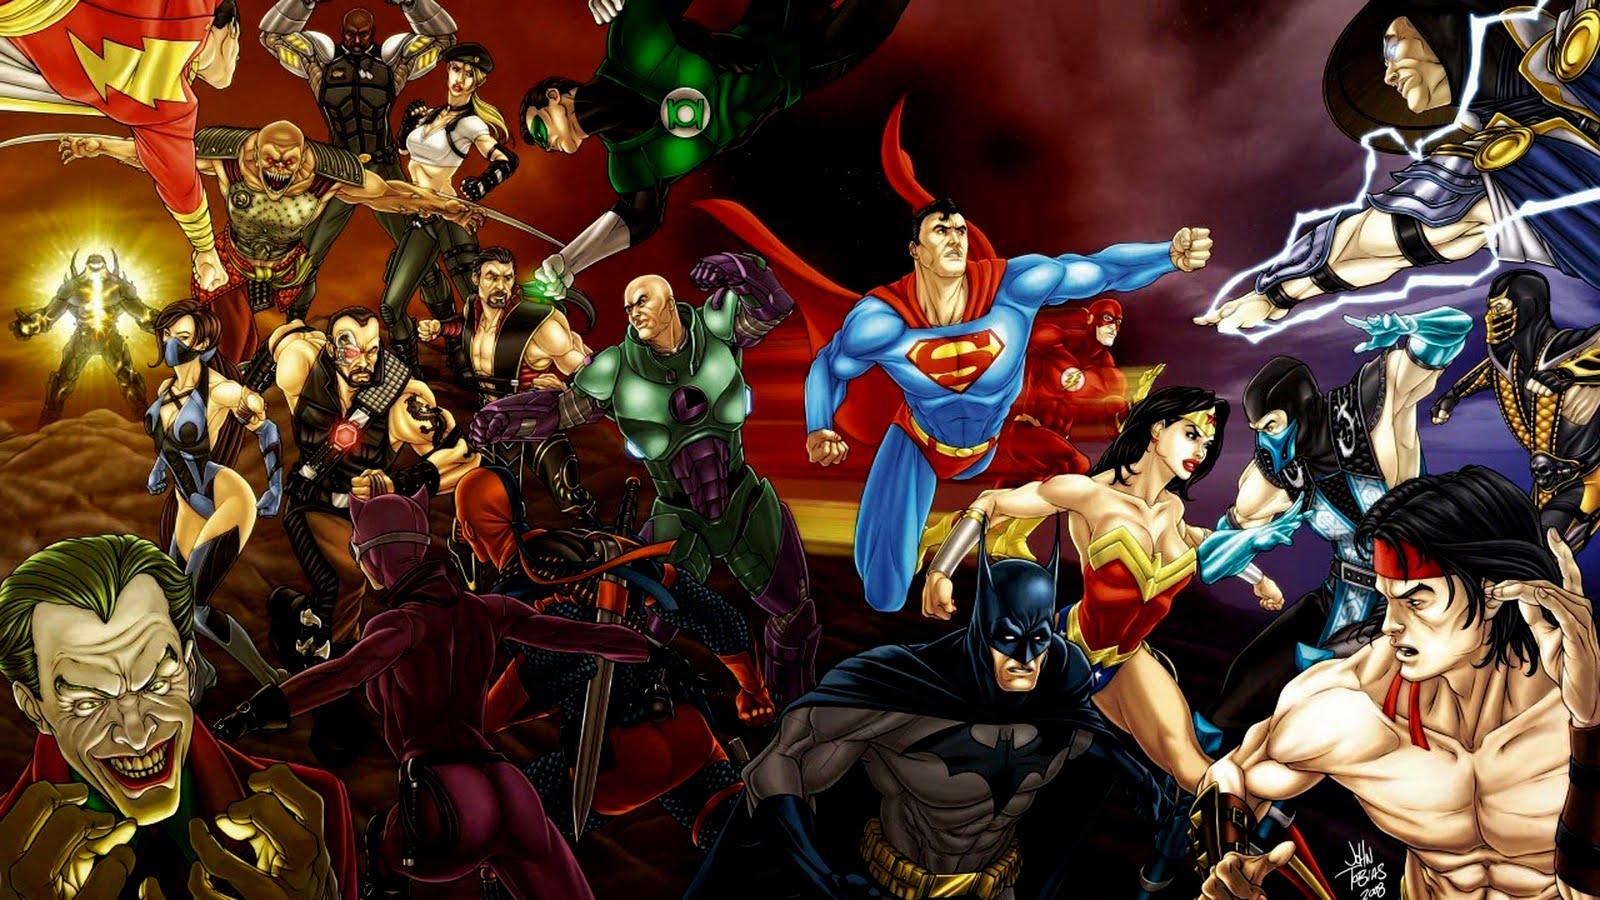 DC Comics All Characters HD Desktop Wallpapers 1600x900